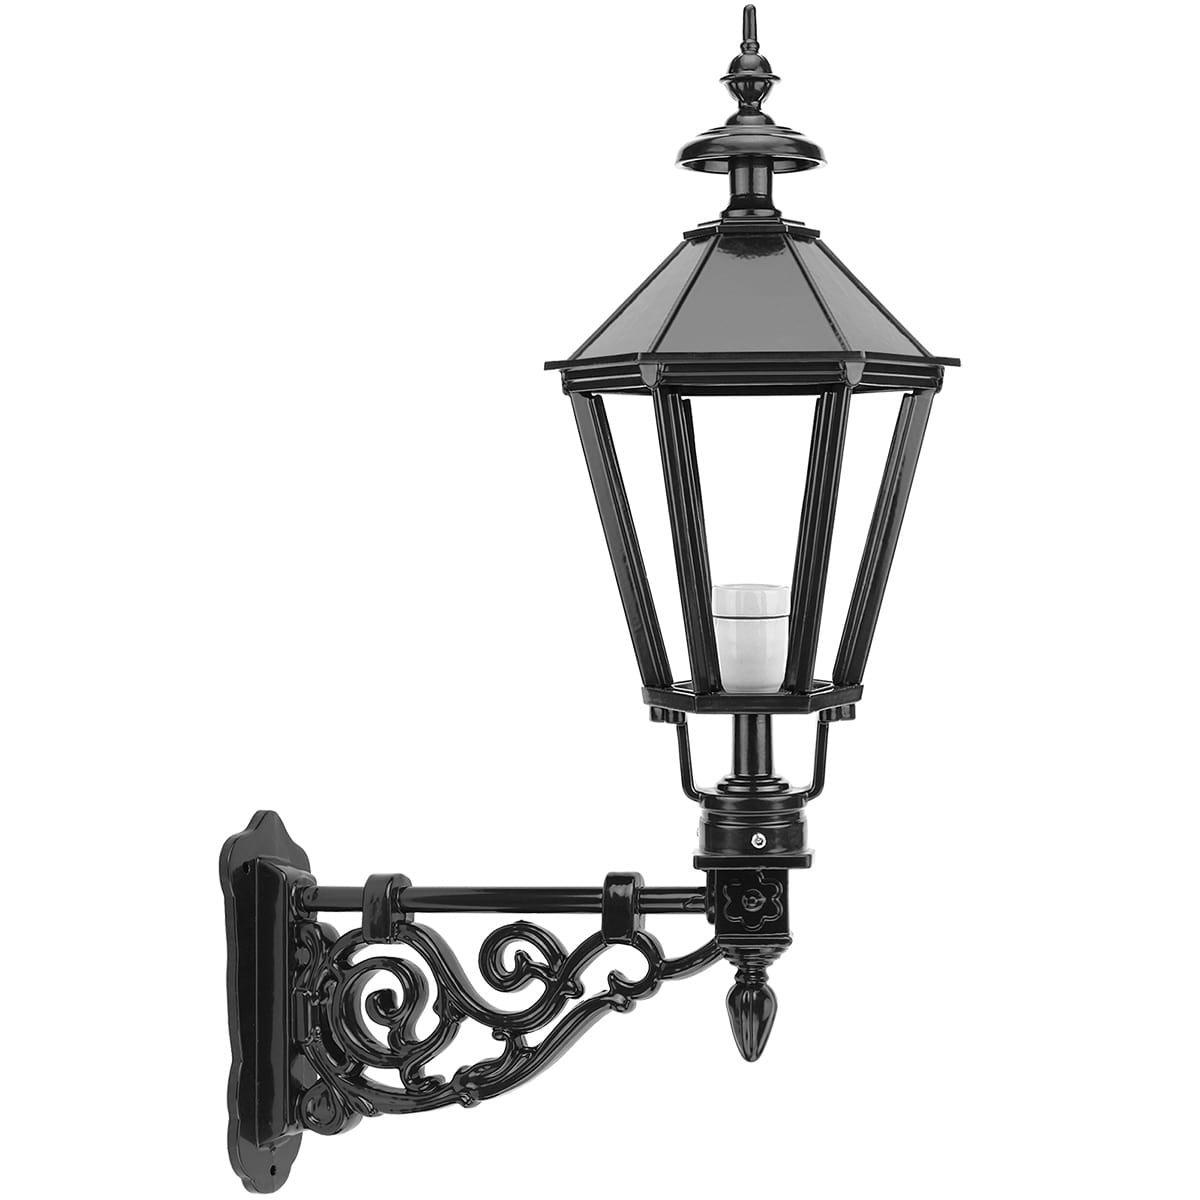 Buitenverlichting Klassiek Landelijk Wandlamp Utrecht - 85 cm